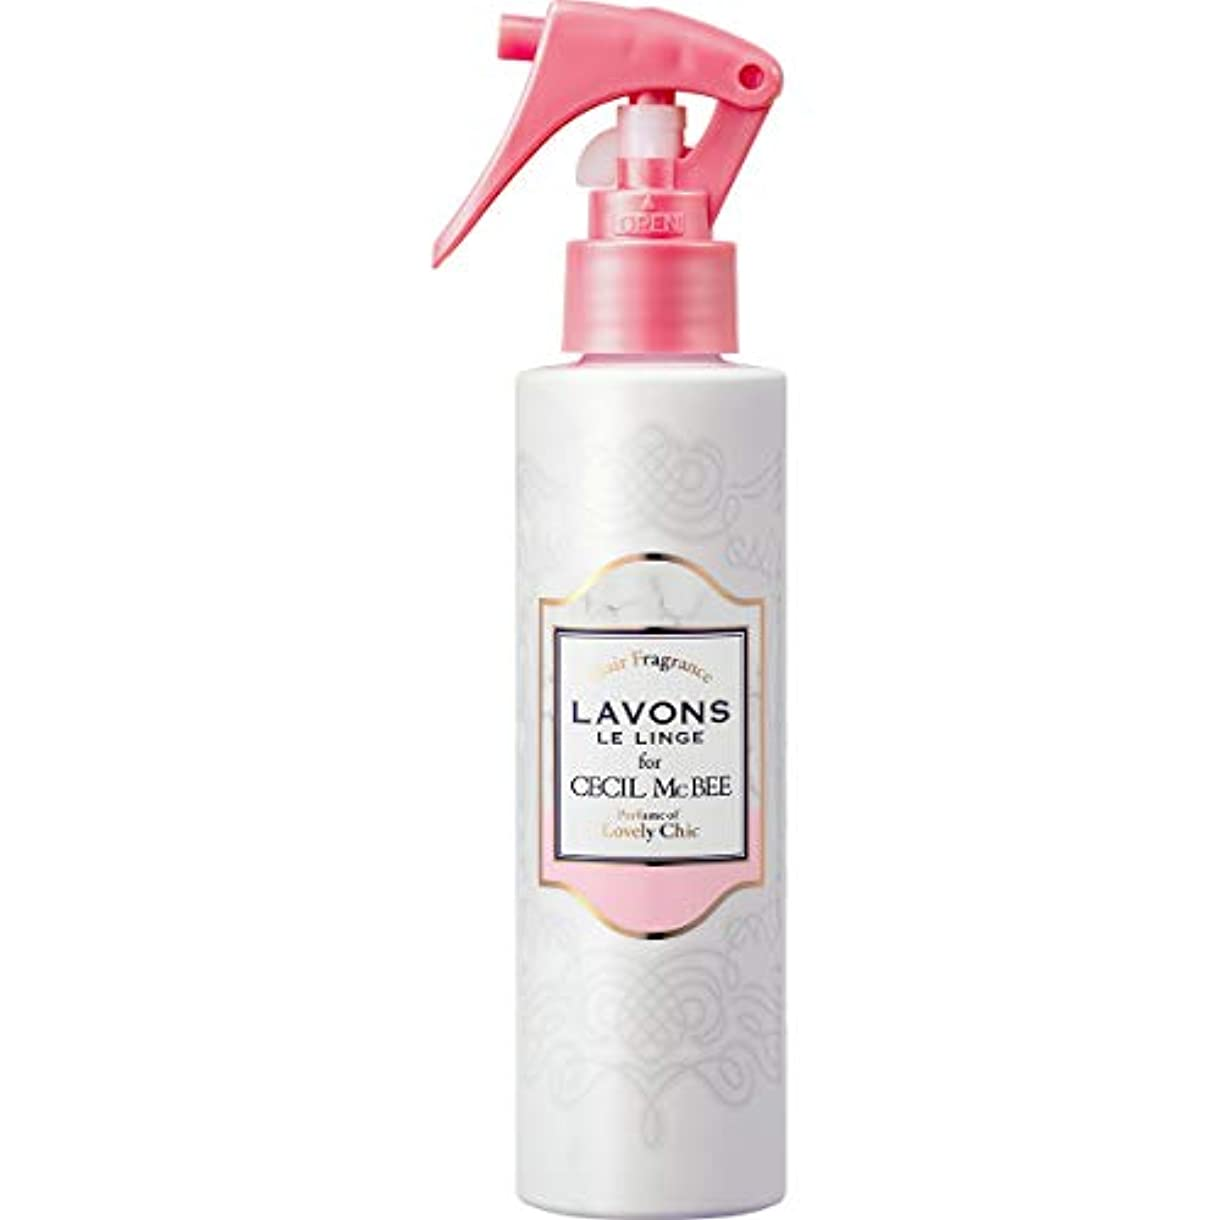 ラボン for CECIL McBEE ヘアフレグランスミスト ラブリーシックの香り 150ml